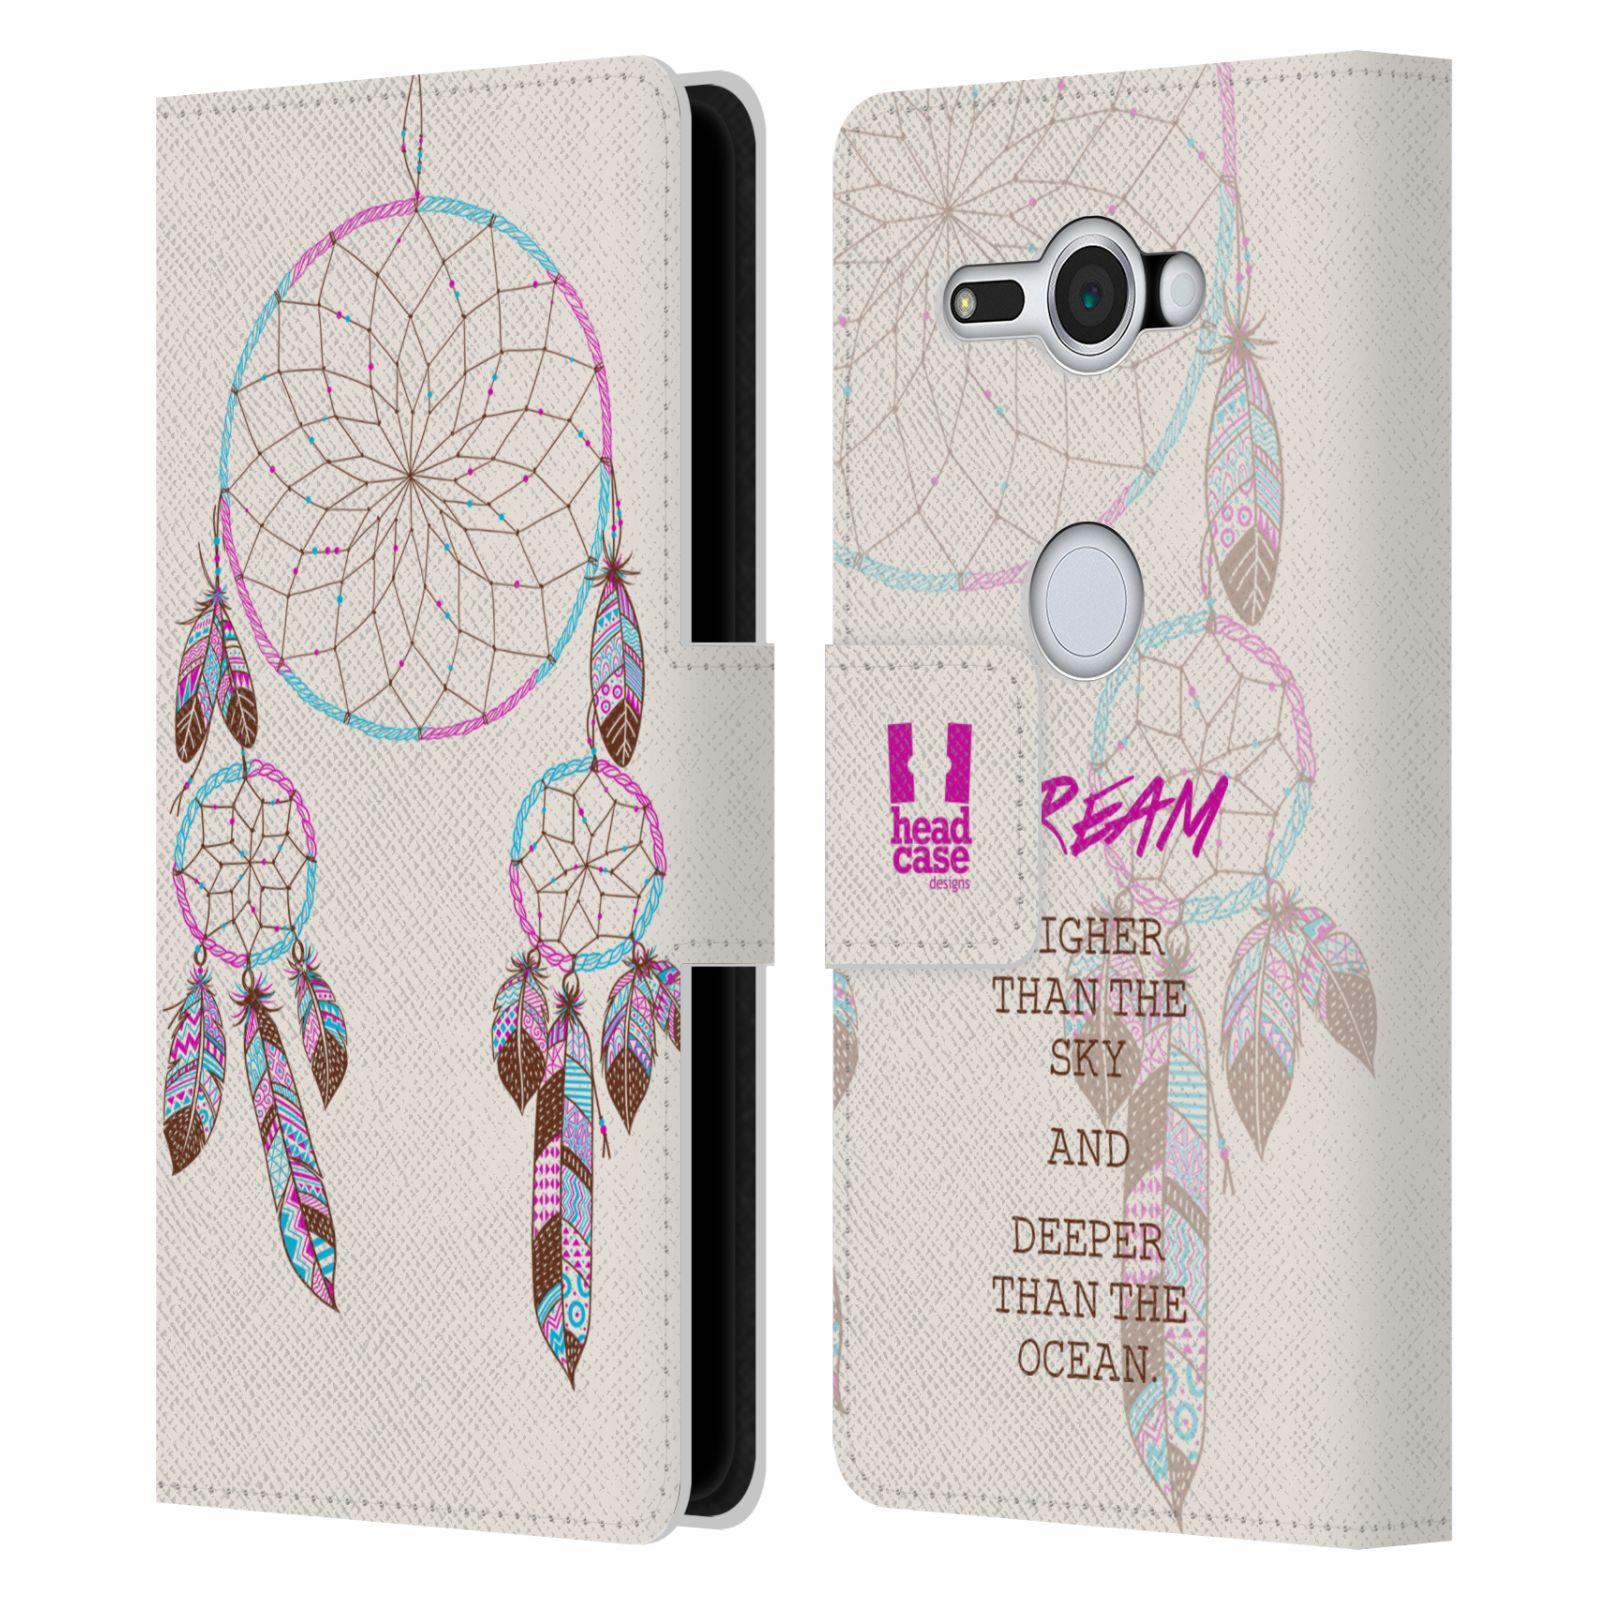 Pouzdro na mobil Sony Xperia XZ2 Compact - Head Case - Lapač snů fialová dream